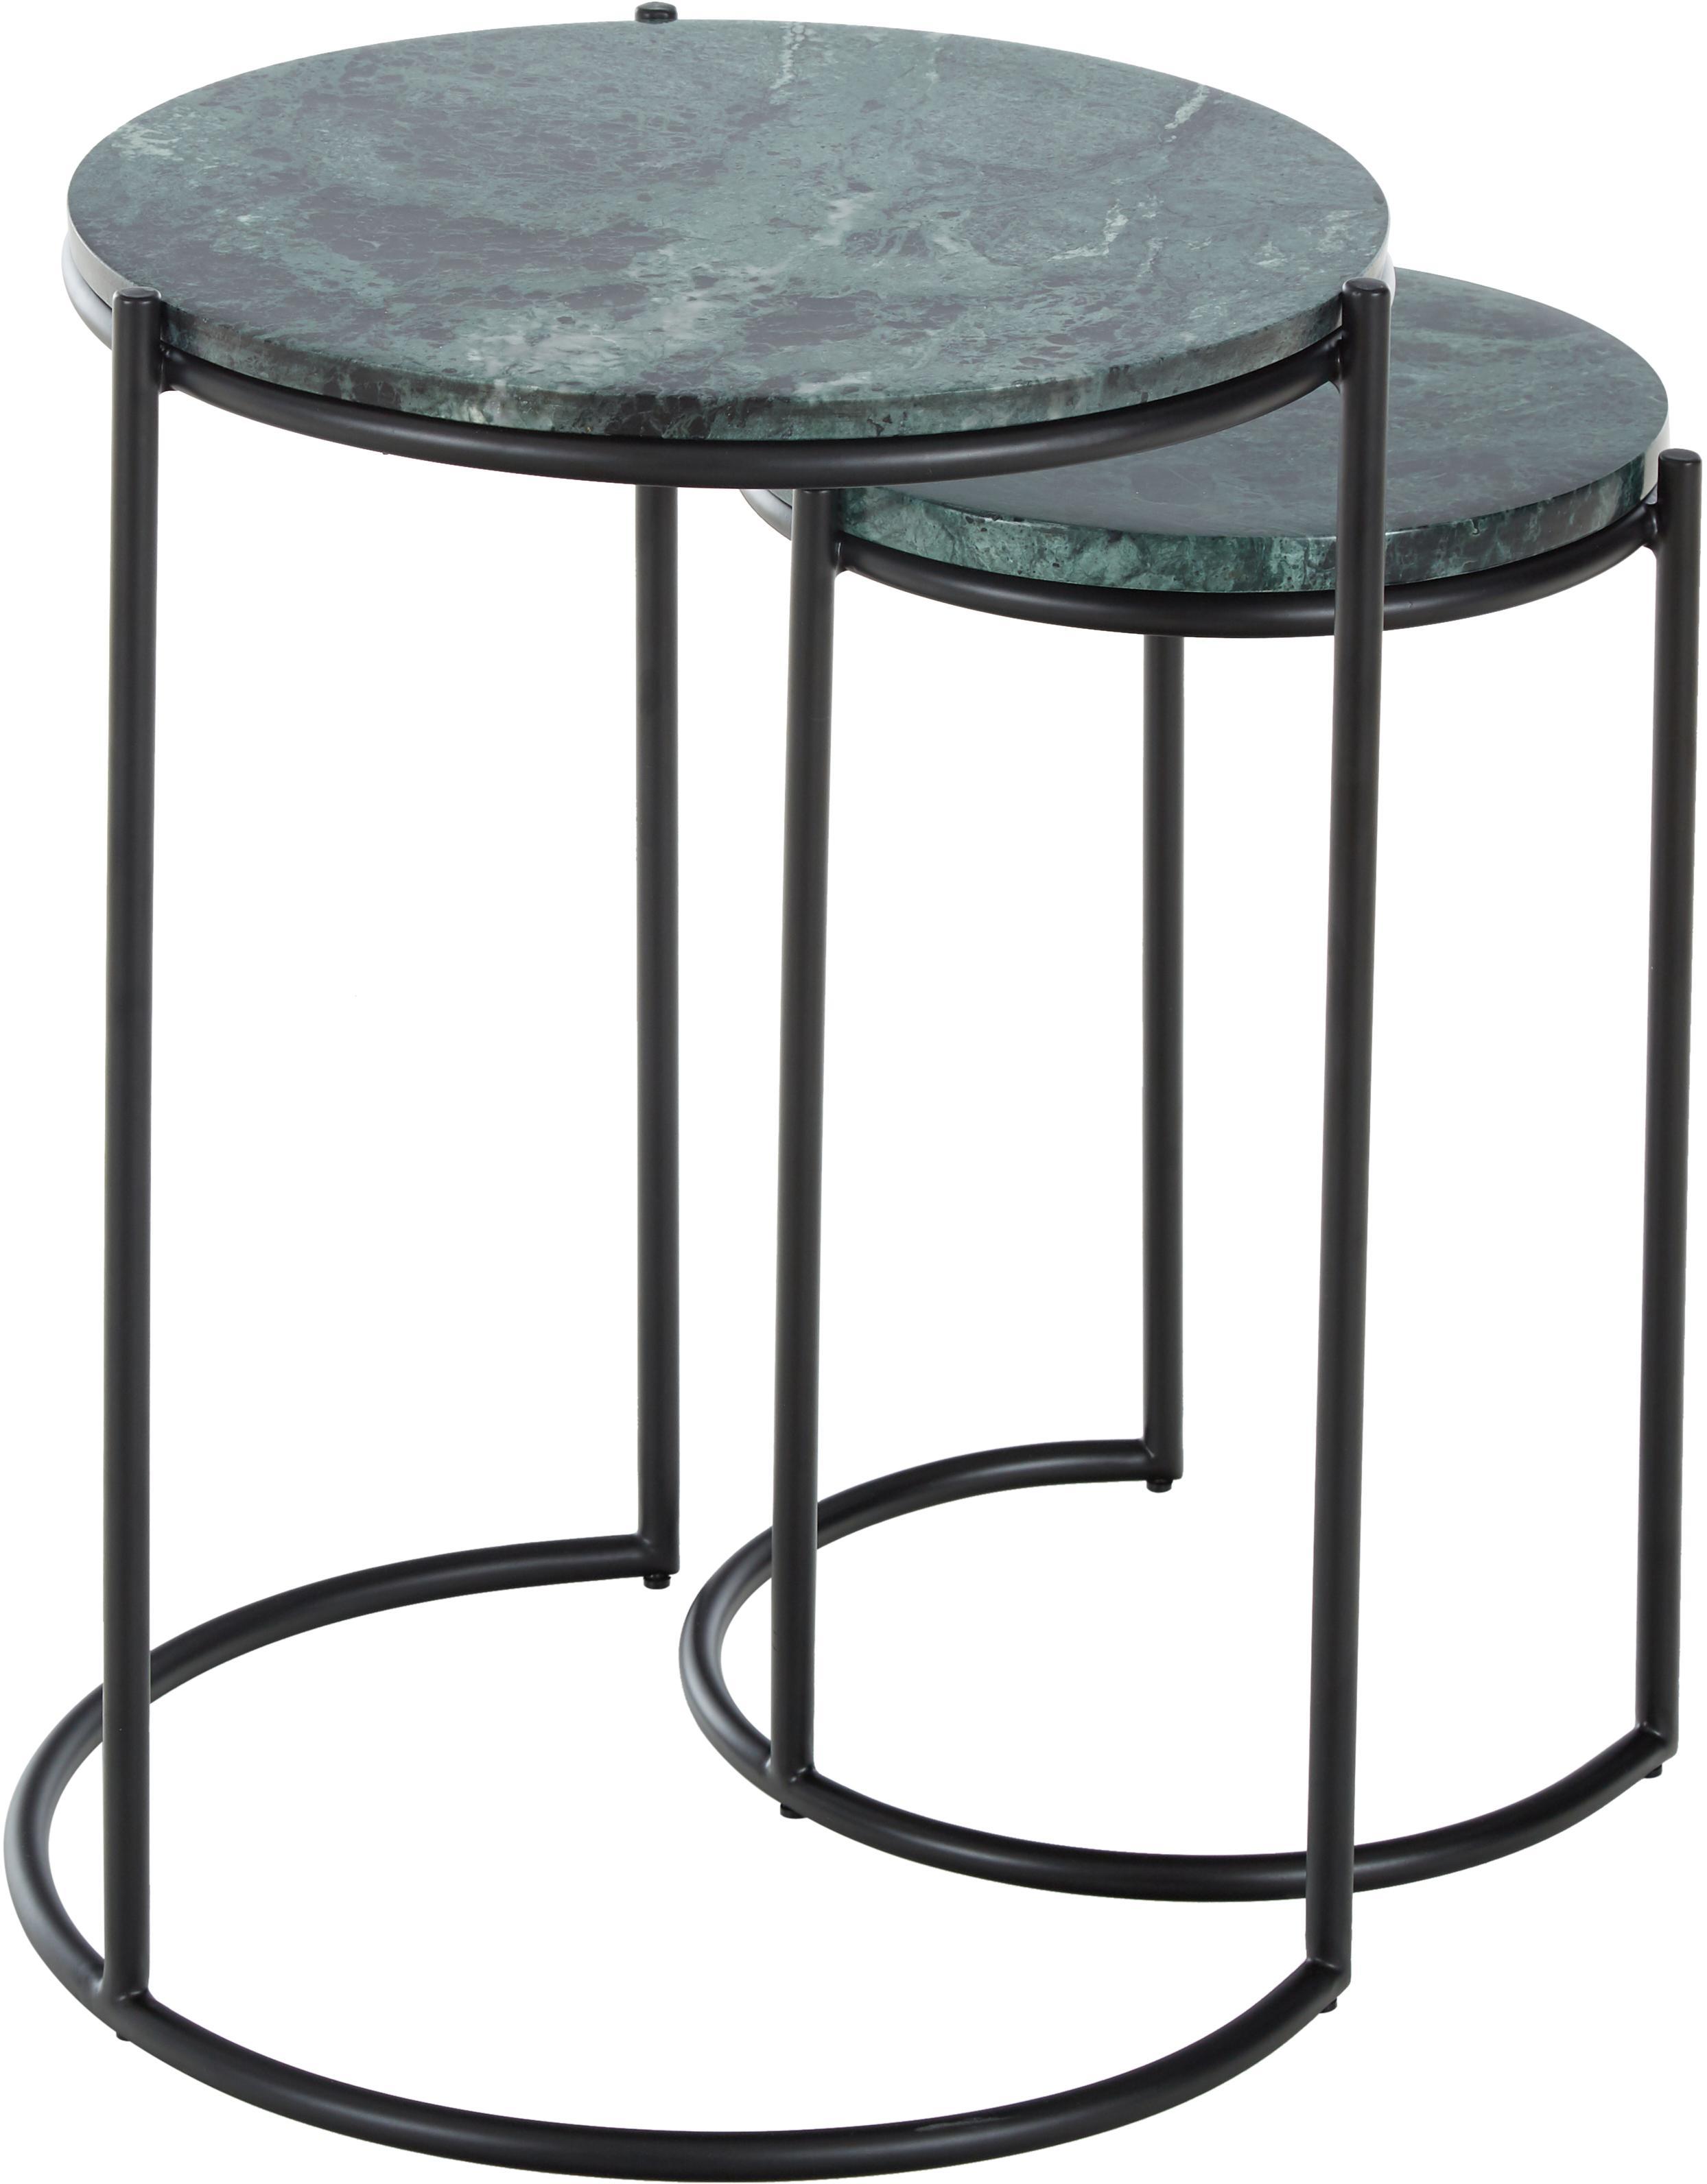 Marmeren bijzettafelset Ella, 2-delig, Tafelblad: marmer natuursteen, Frame: gepoedercoat metaal, Tafelbladen: groene marmer. Frame: mat zwart, Verschillende formaten